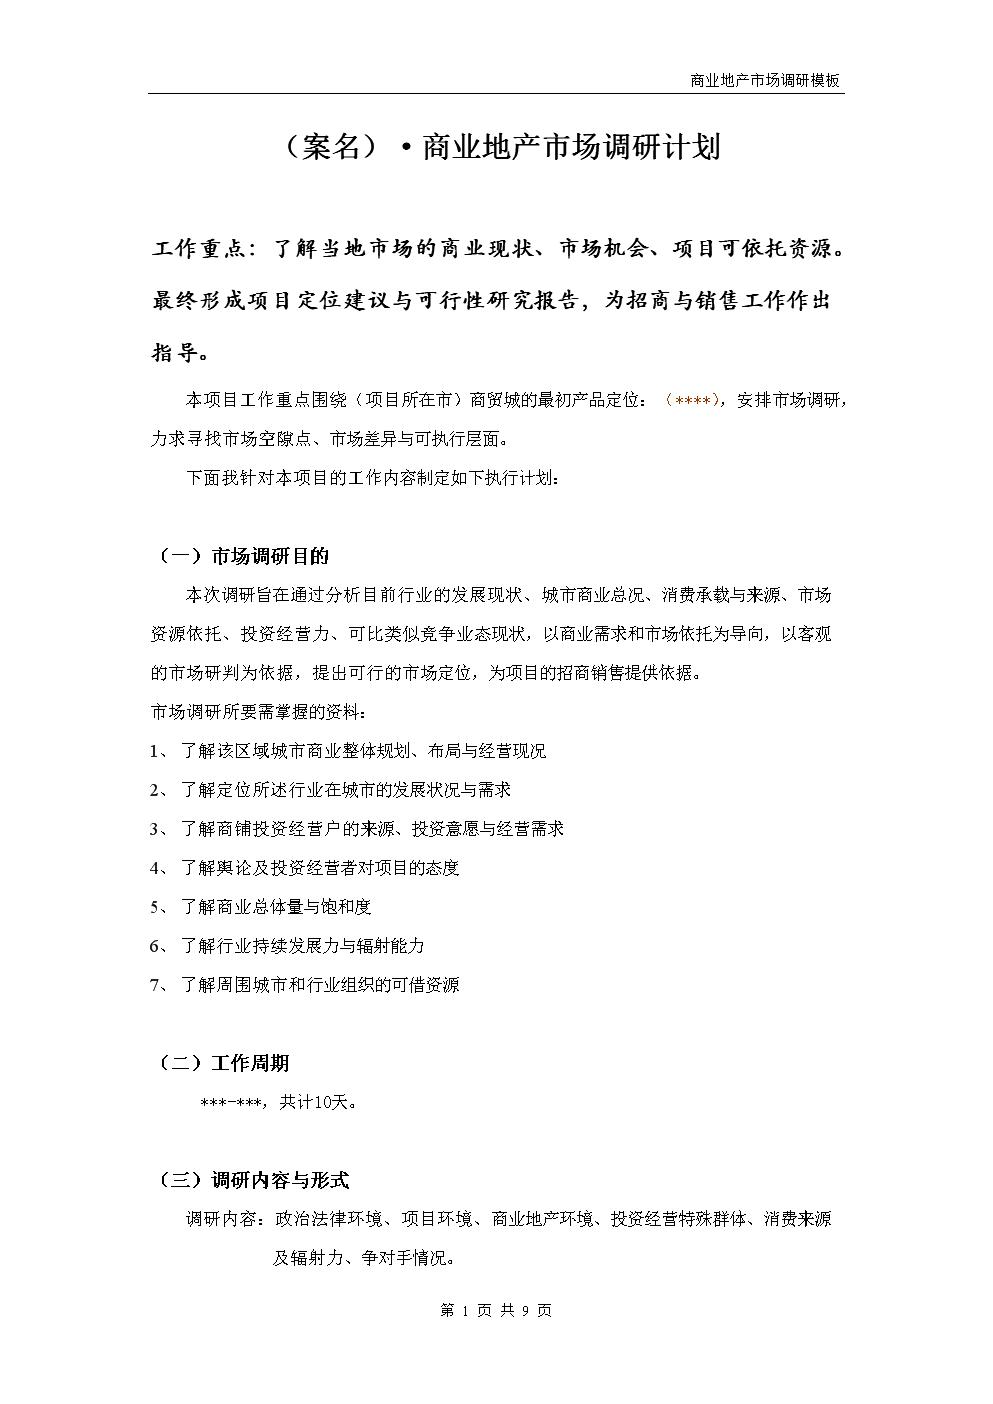 商业地产市场调研操作模板.doc